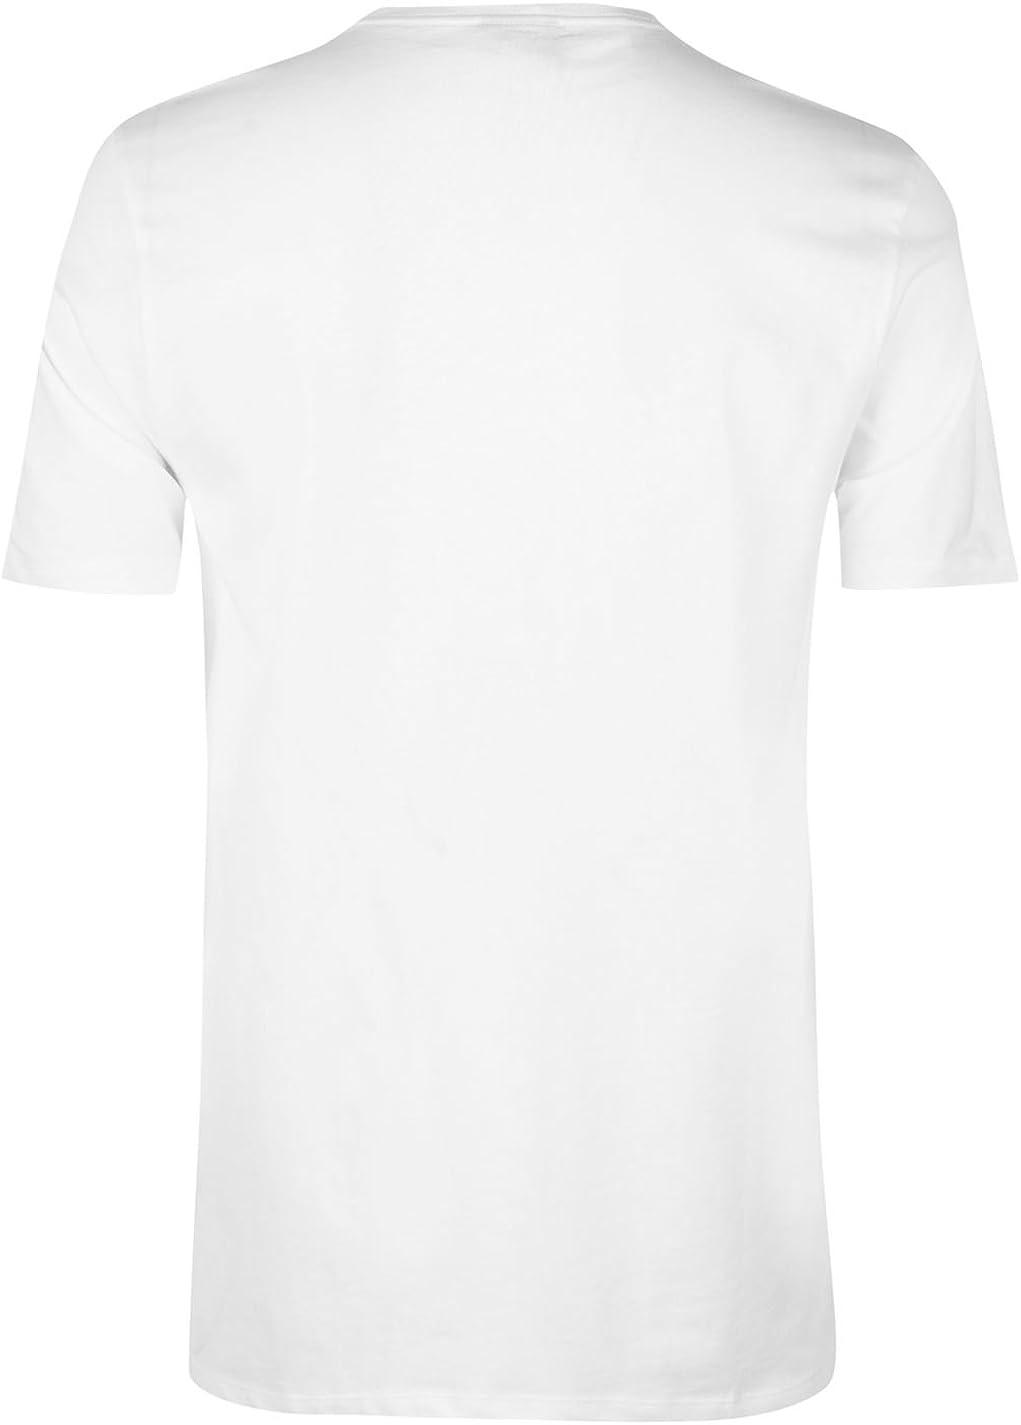 Camiseta para Hombre Everlast: Amazon.es: Ropa y accesorios